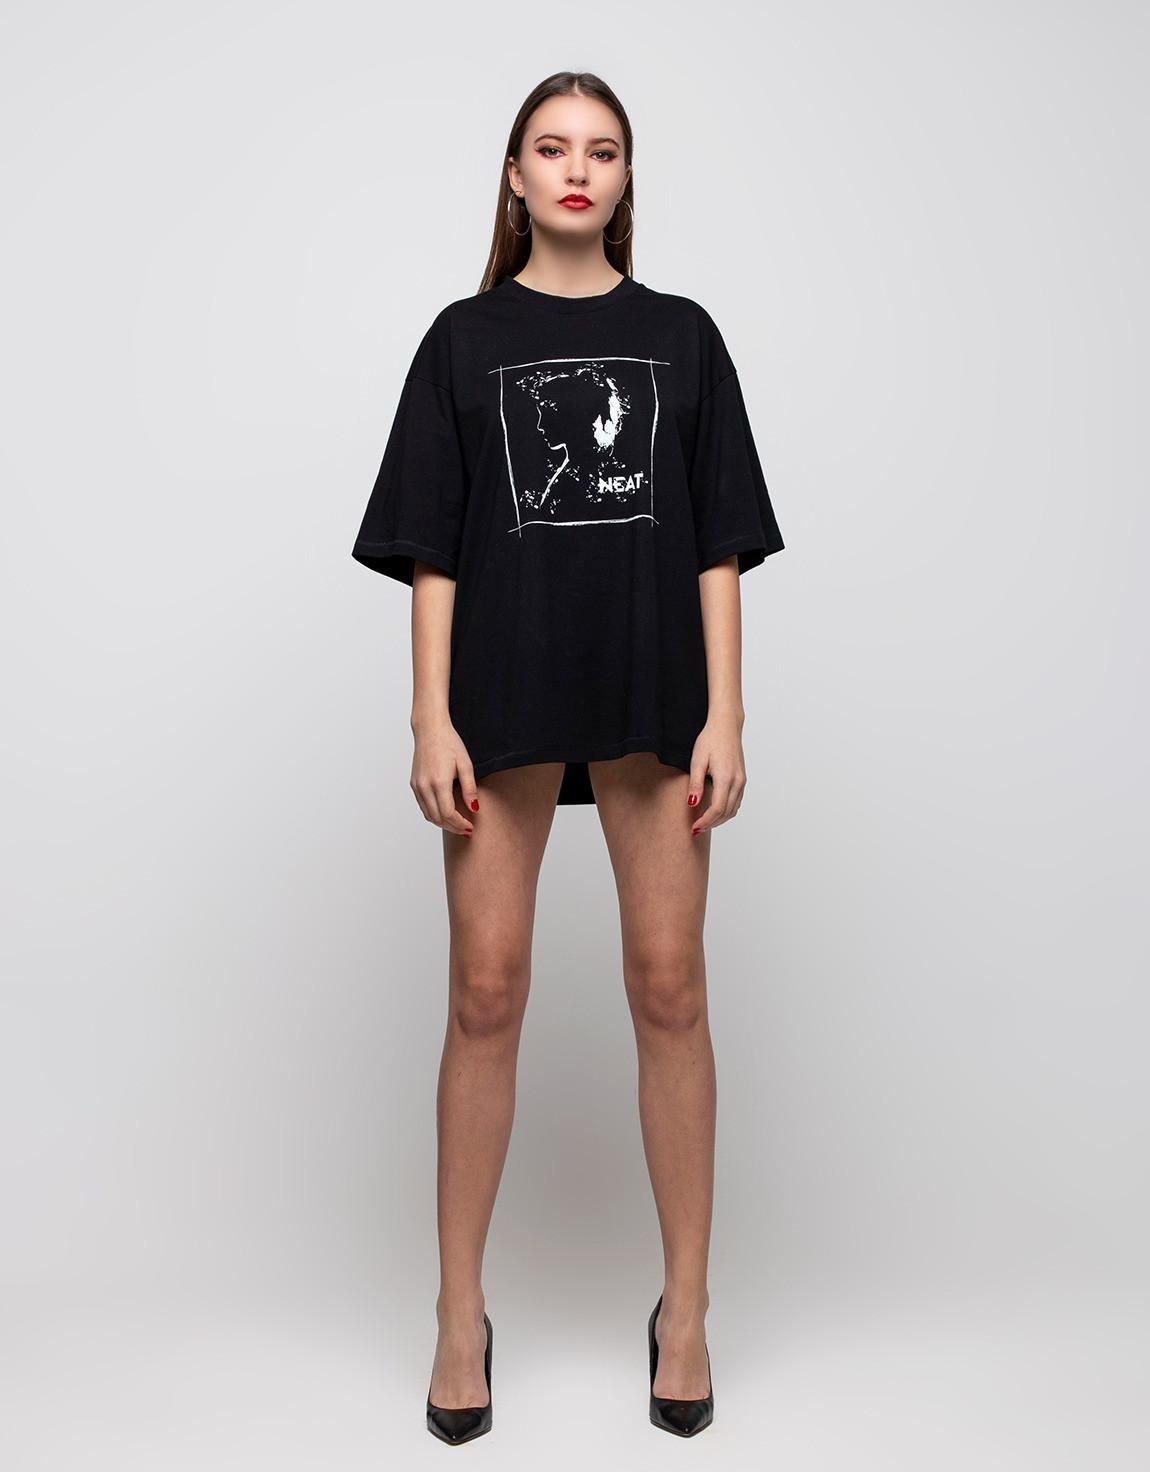 tshirt woman black